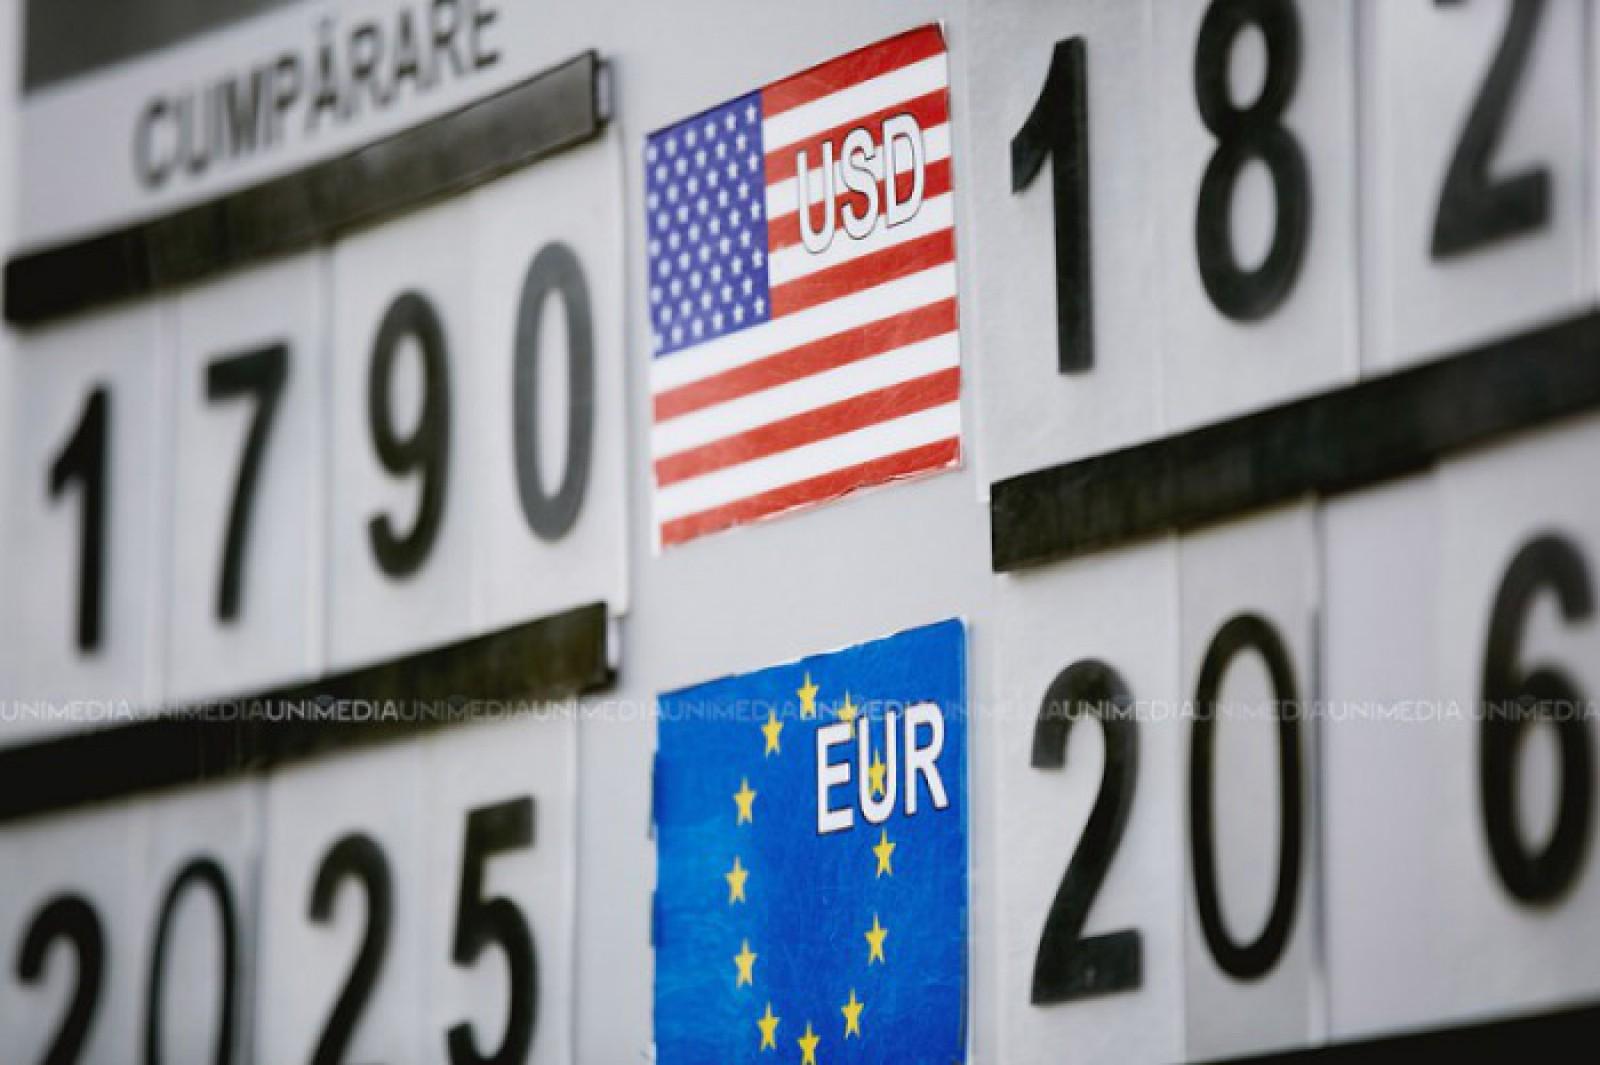 Curs valutar: Leul moldovenesc, în apreciere față de euro cu 12 bani